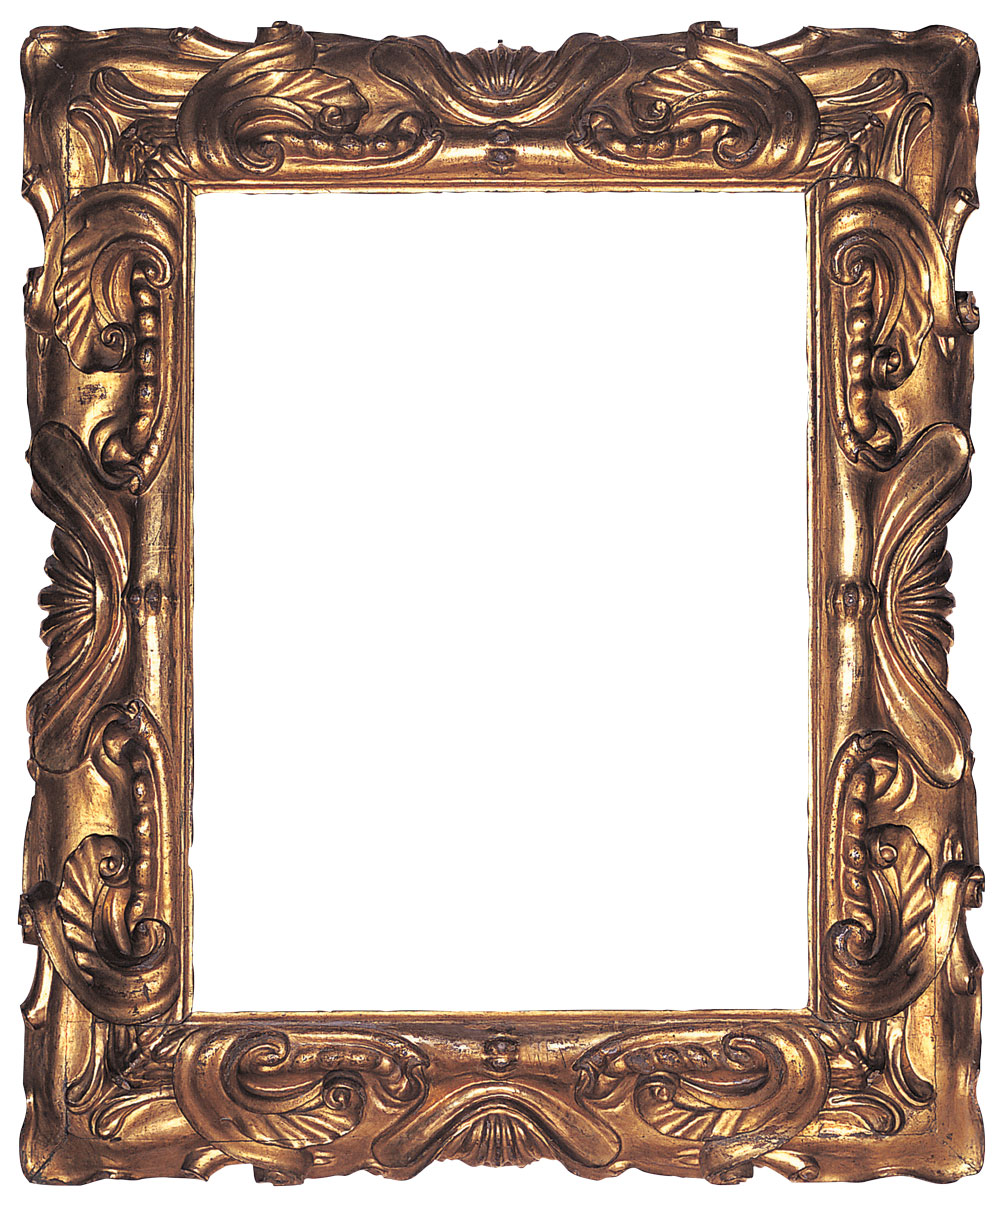 Frame Amazing Image Download - 23188 - TransparentPNG